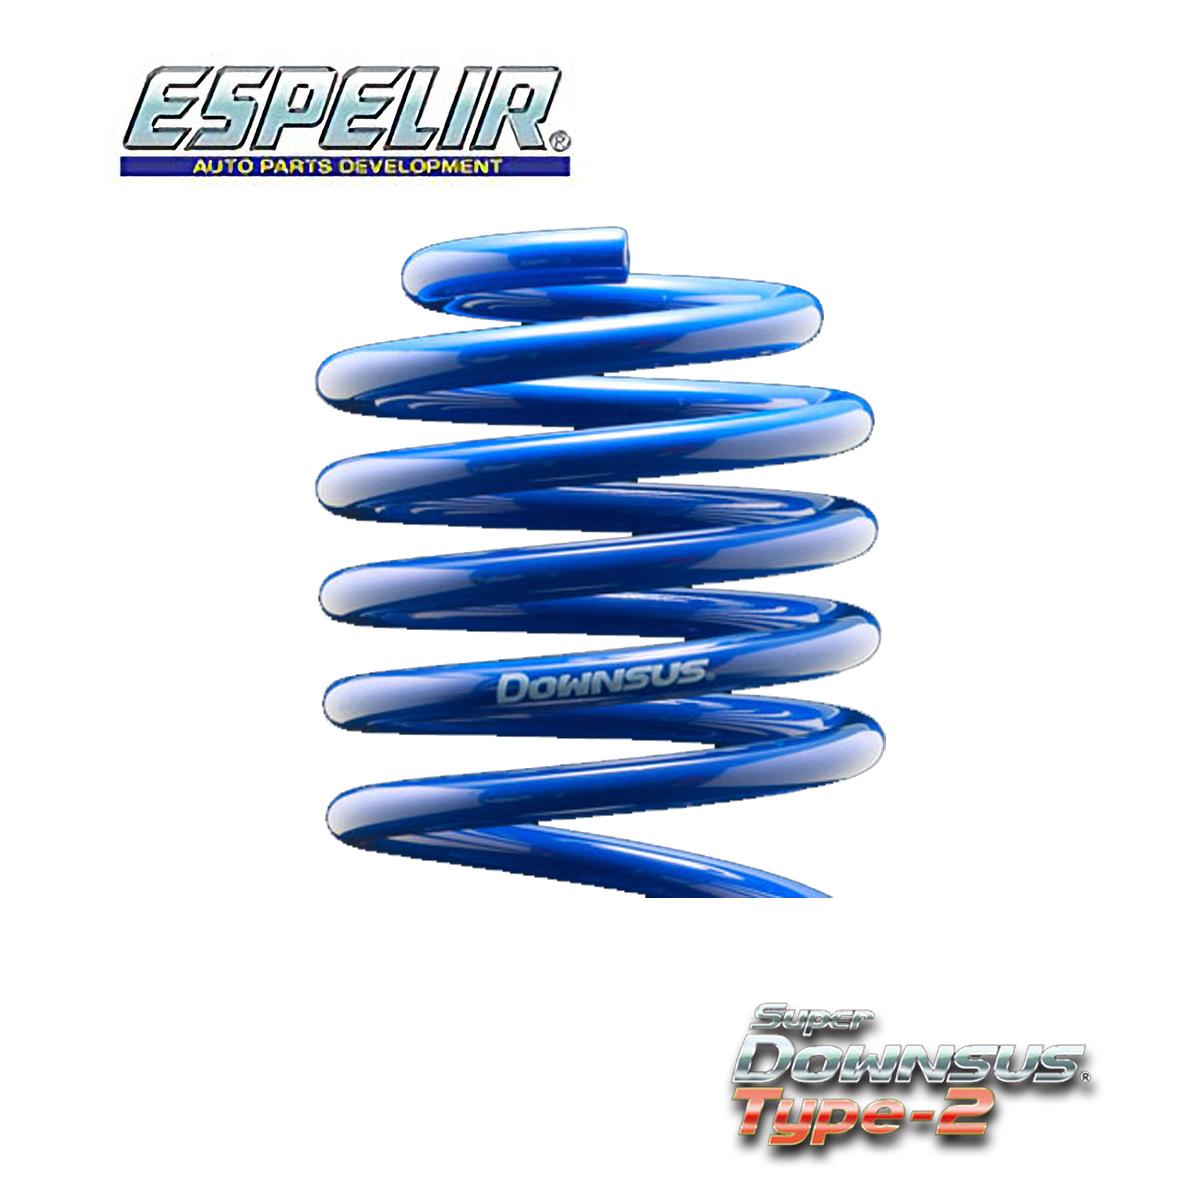 エスペリア レクサス GYL25W RX 450h スプリング ダウンサス フロント ESX-3500F スーパーダウンサス タイプ2 Super DOWNSUS Type-2 ESPELIR